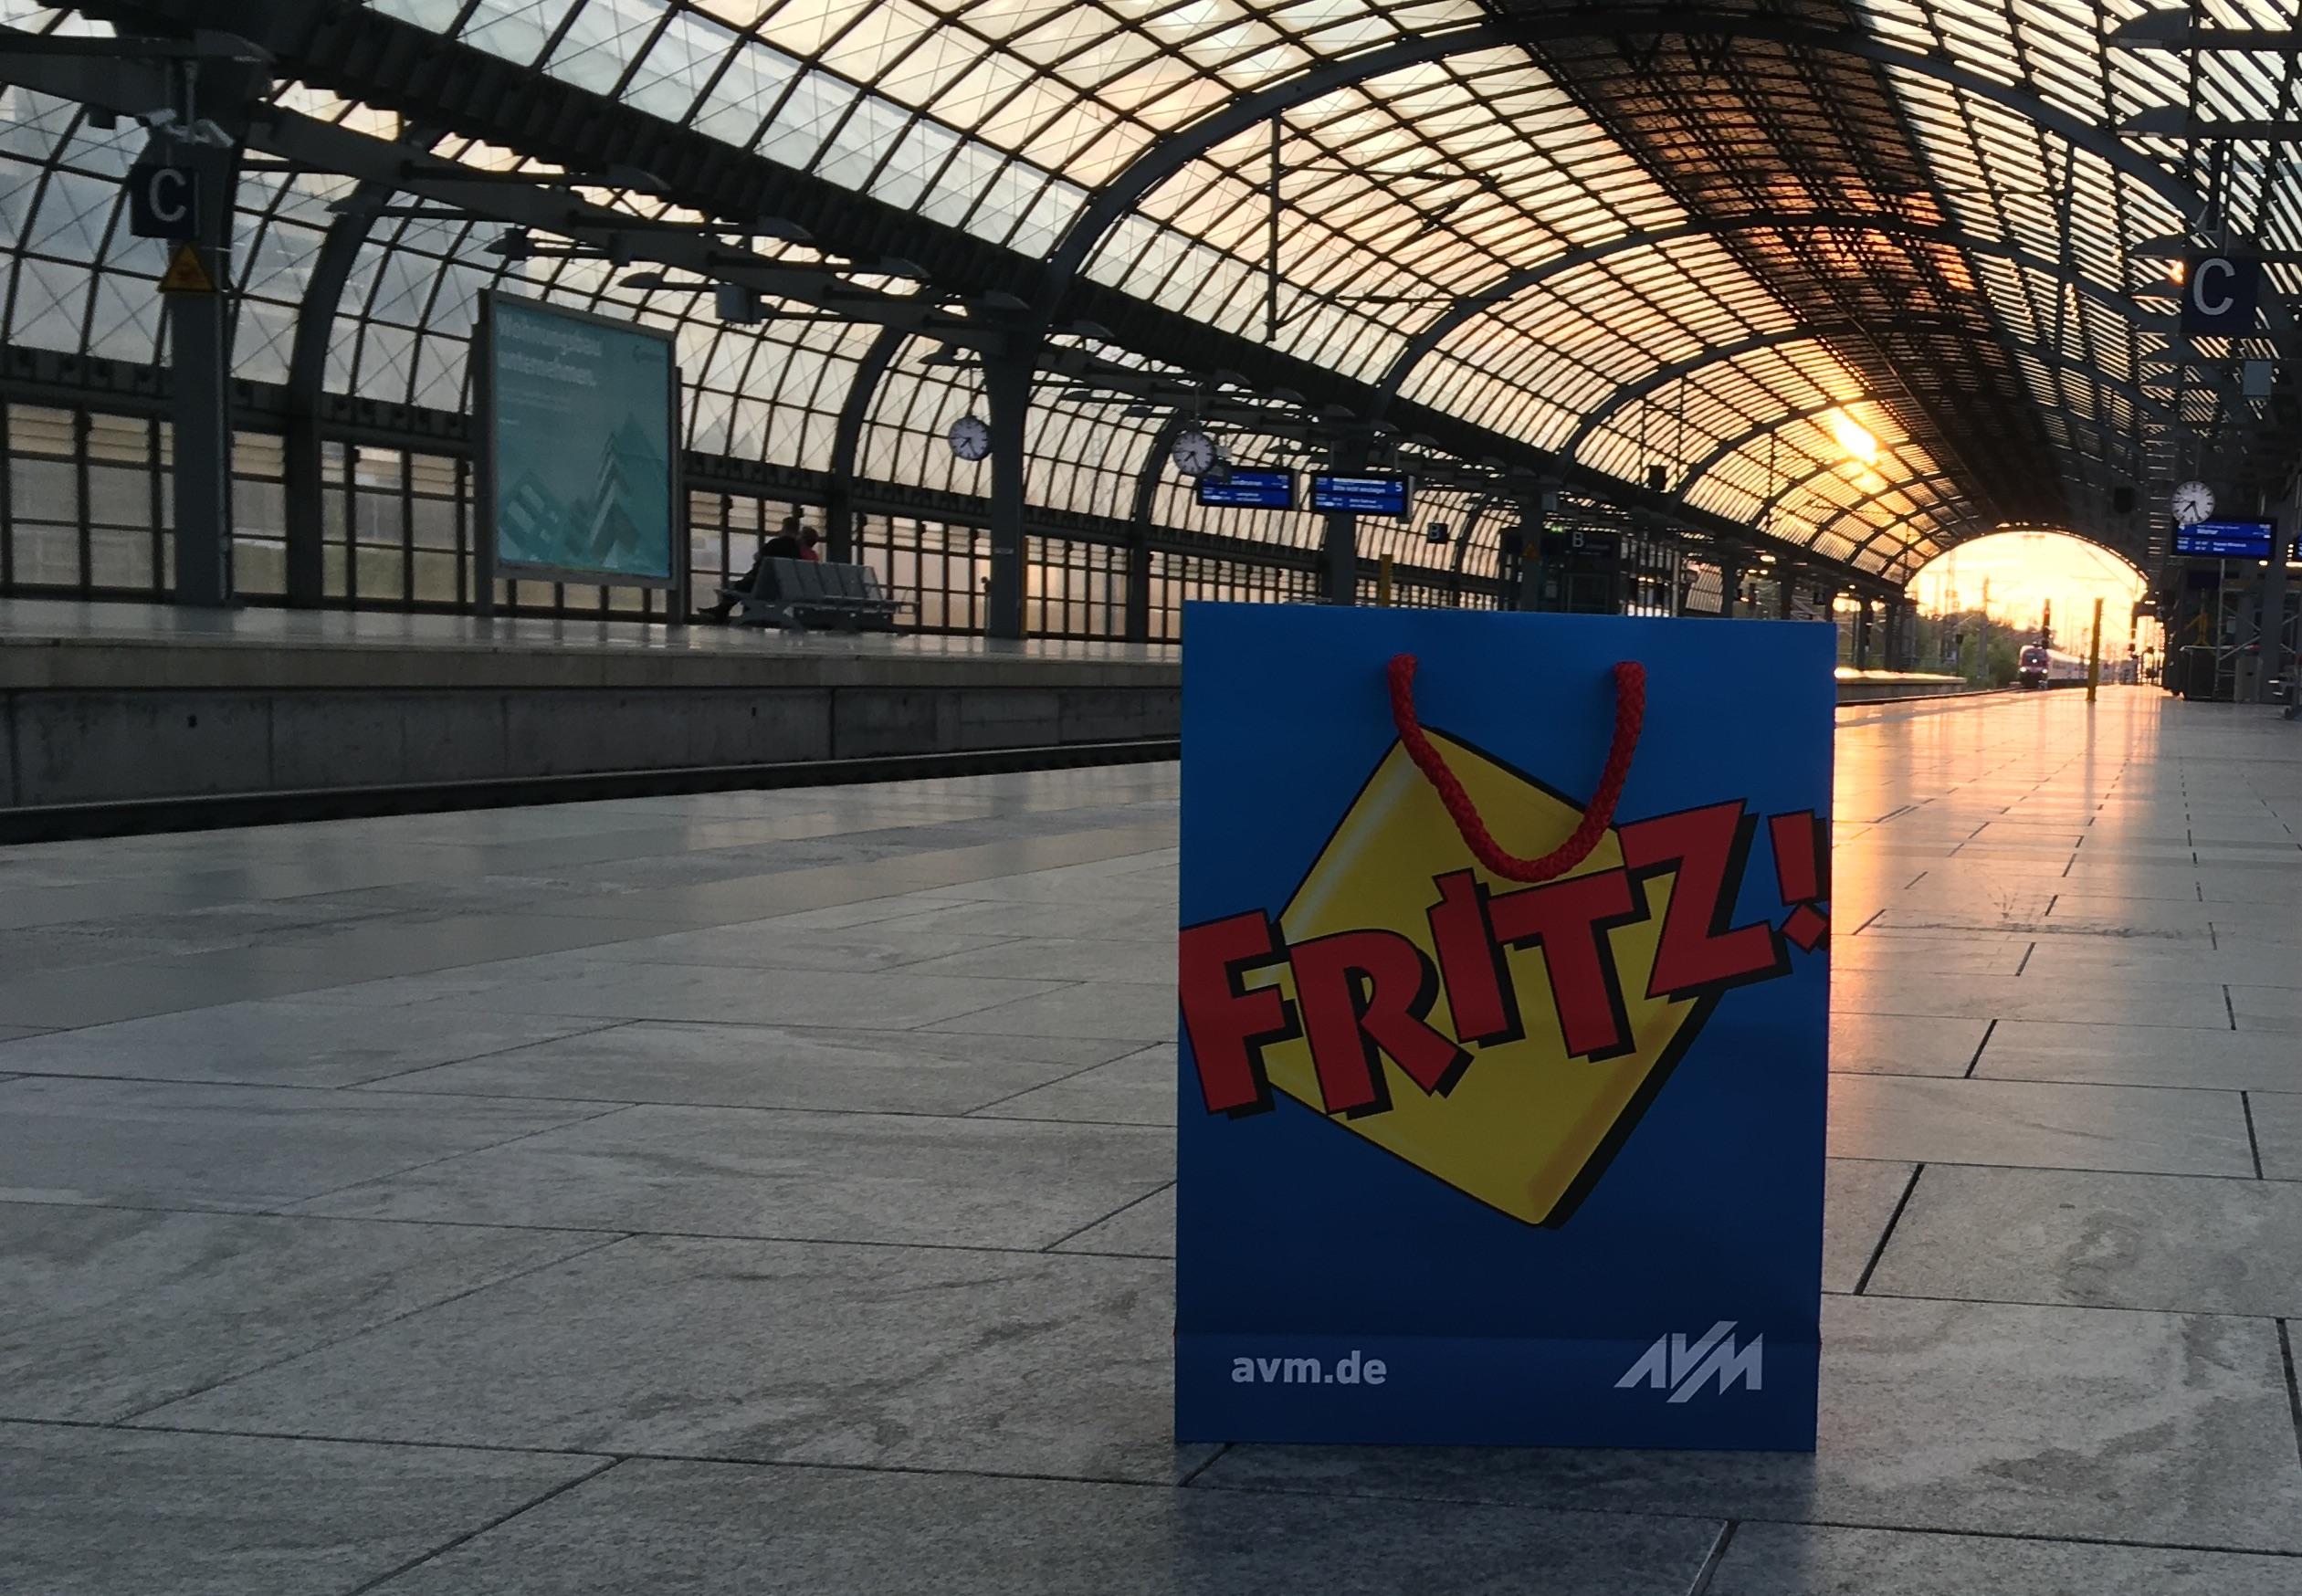 Avm Auf Der Ifa 2018 Messehighlights Ankundigungen Fritz Os 7 0